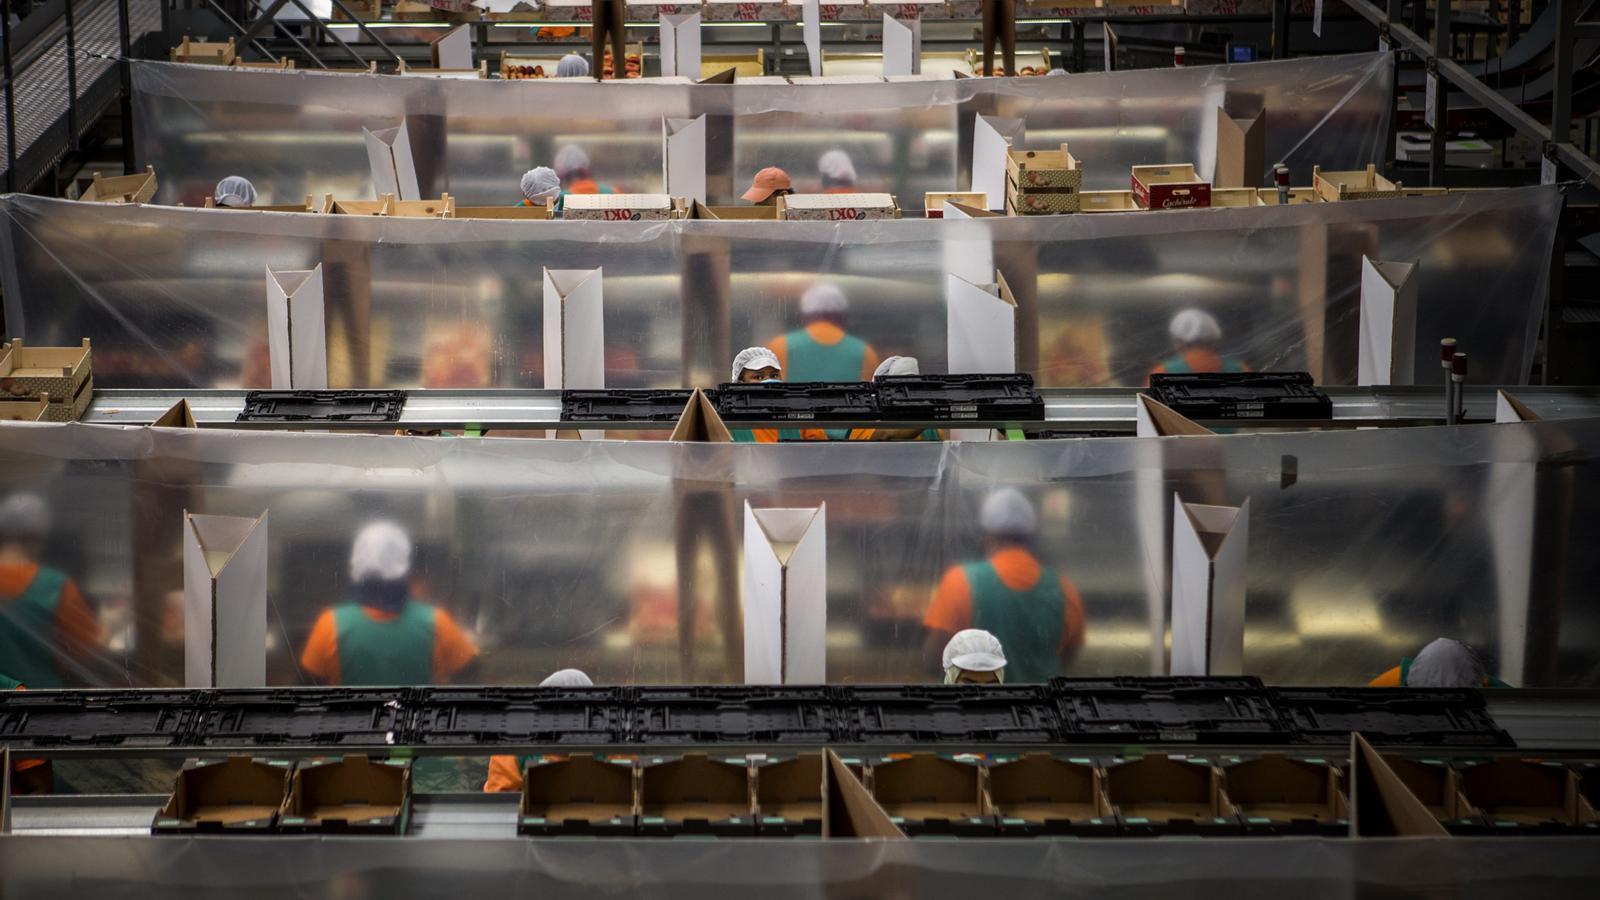 Dones treballadores, moltes d'origen migrant, a la central fruitera de Fruits de Ponent